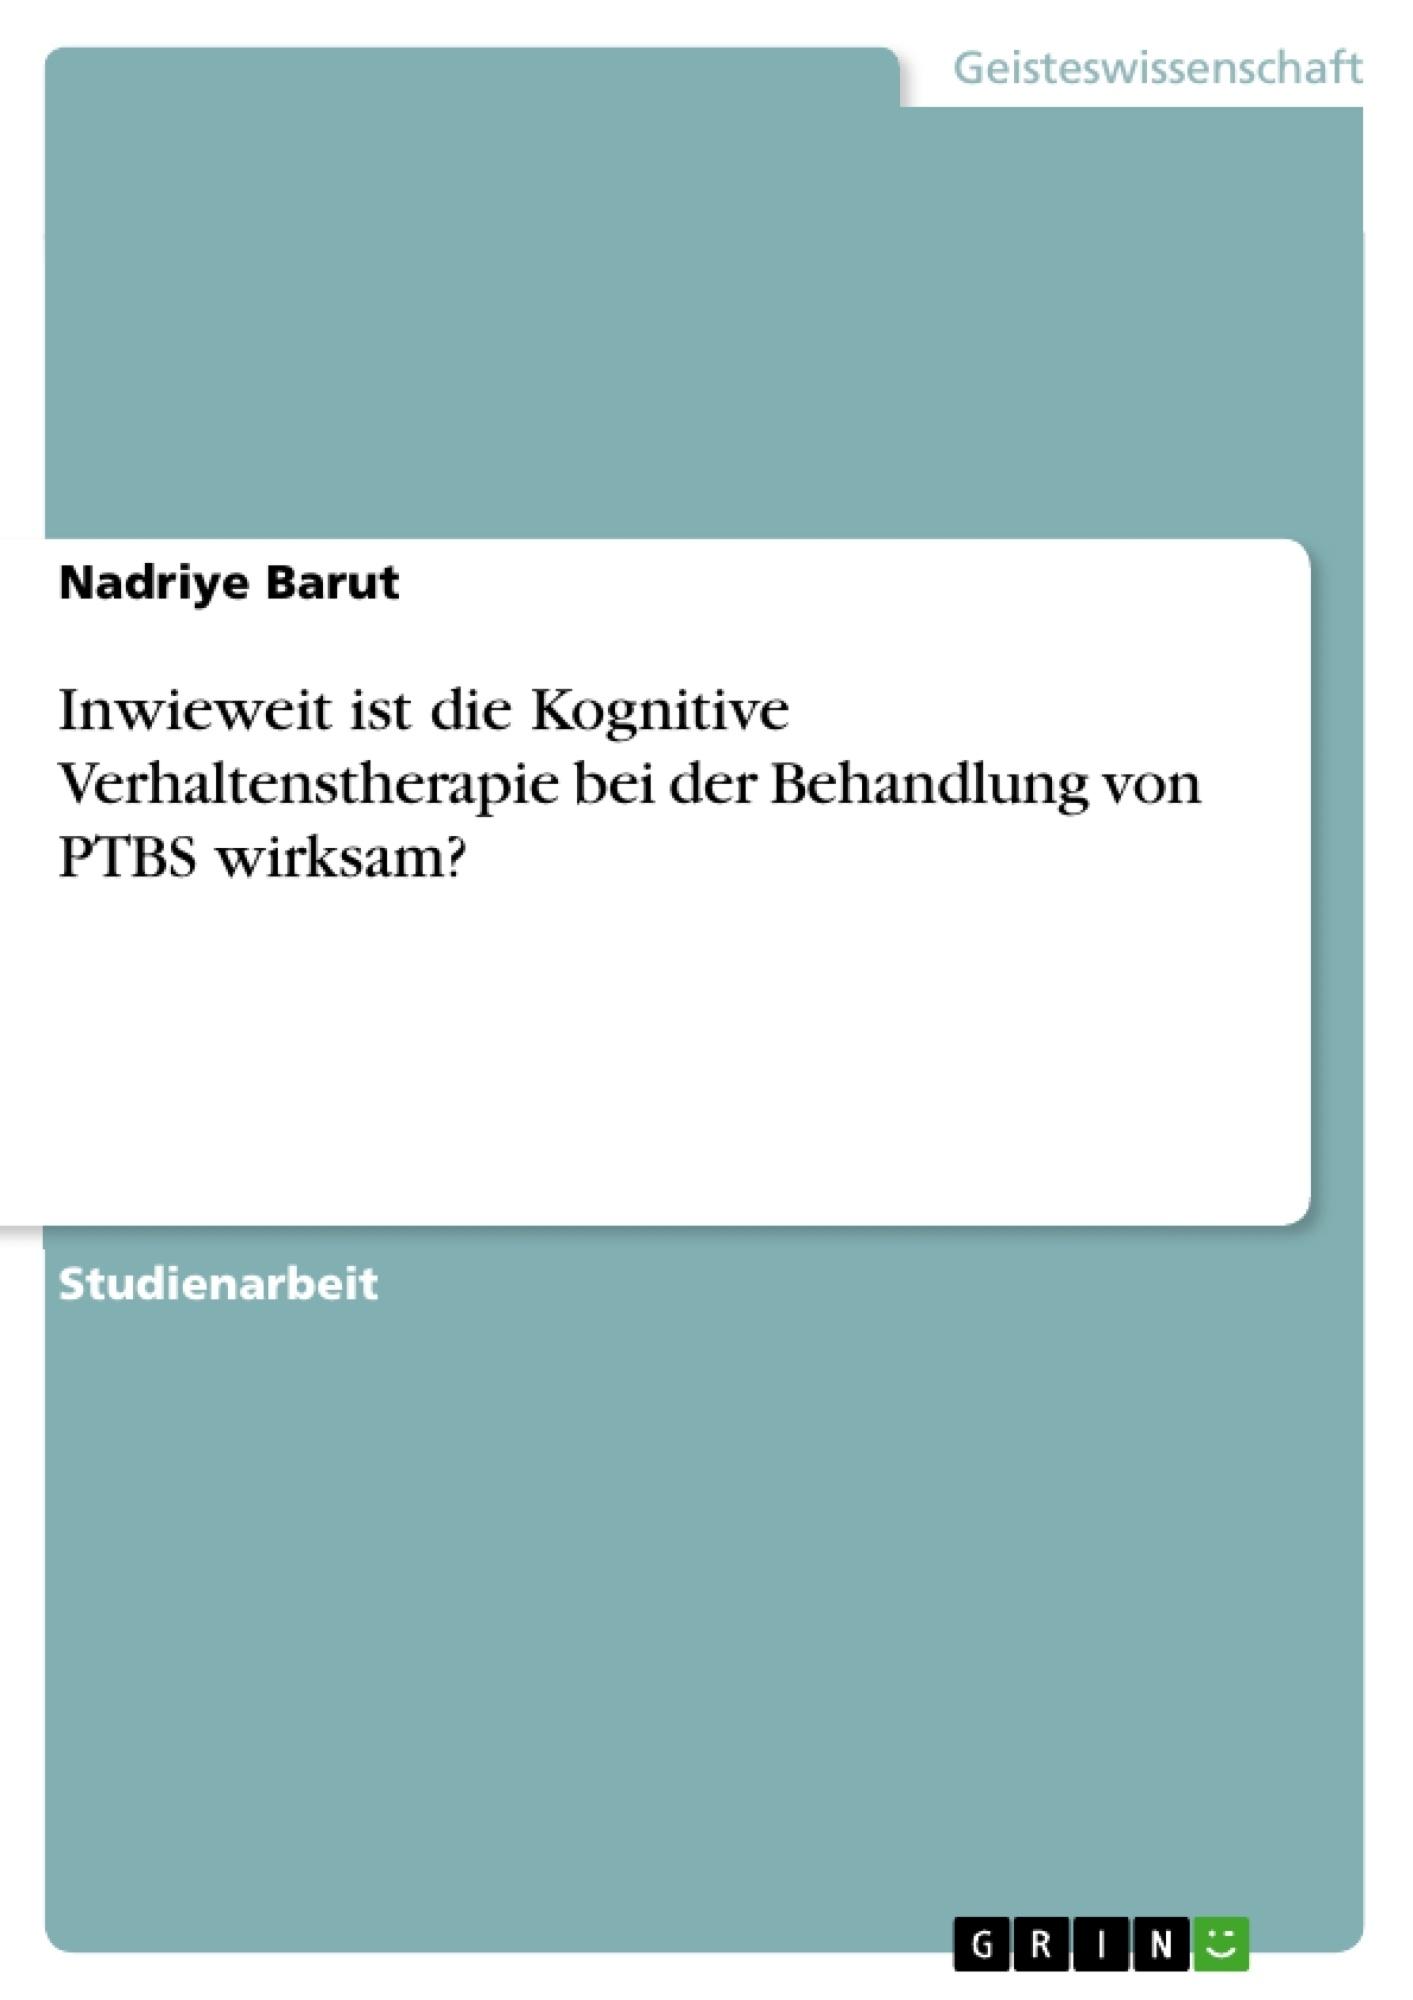 Titel: Inwieweit ist die Kognitive Verhaltenstherapie bei der Behandlung von PTBS wirksam?